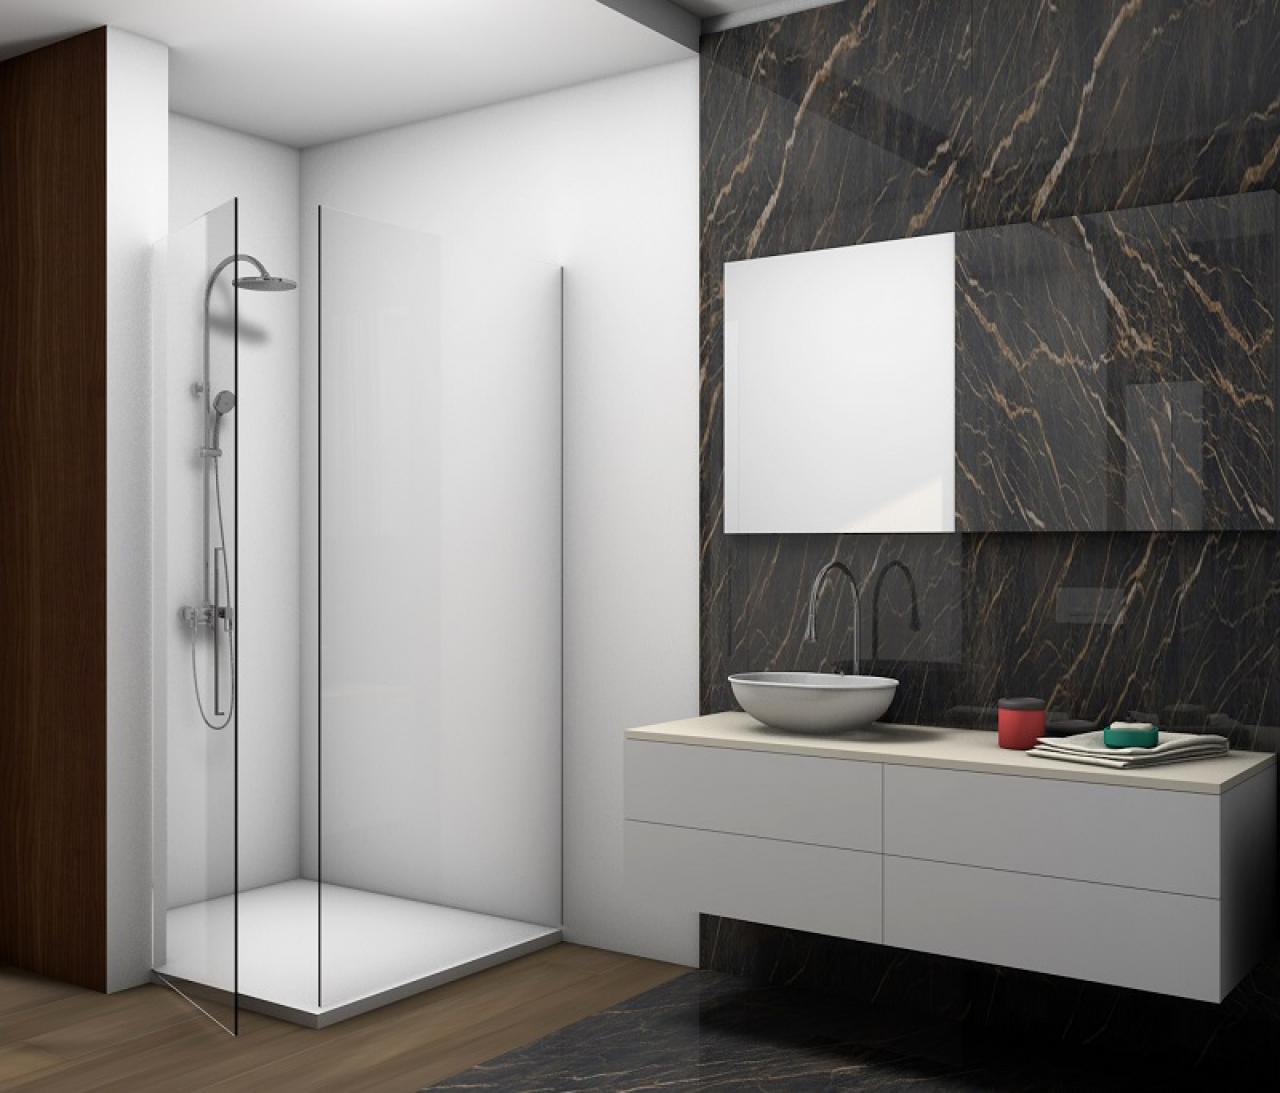 Immagini Di Bagni Moderni progetti di bagni: portfolio di guido | fratelli pellizzari